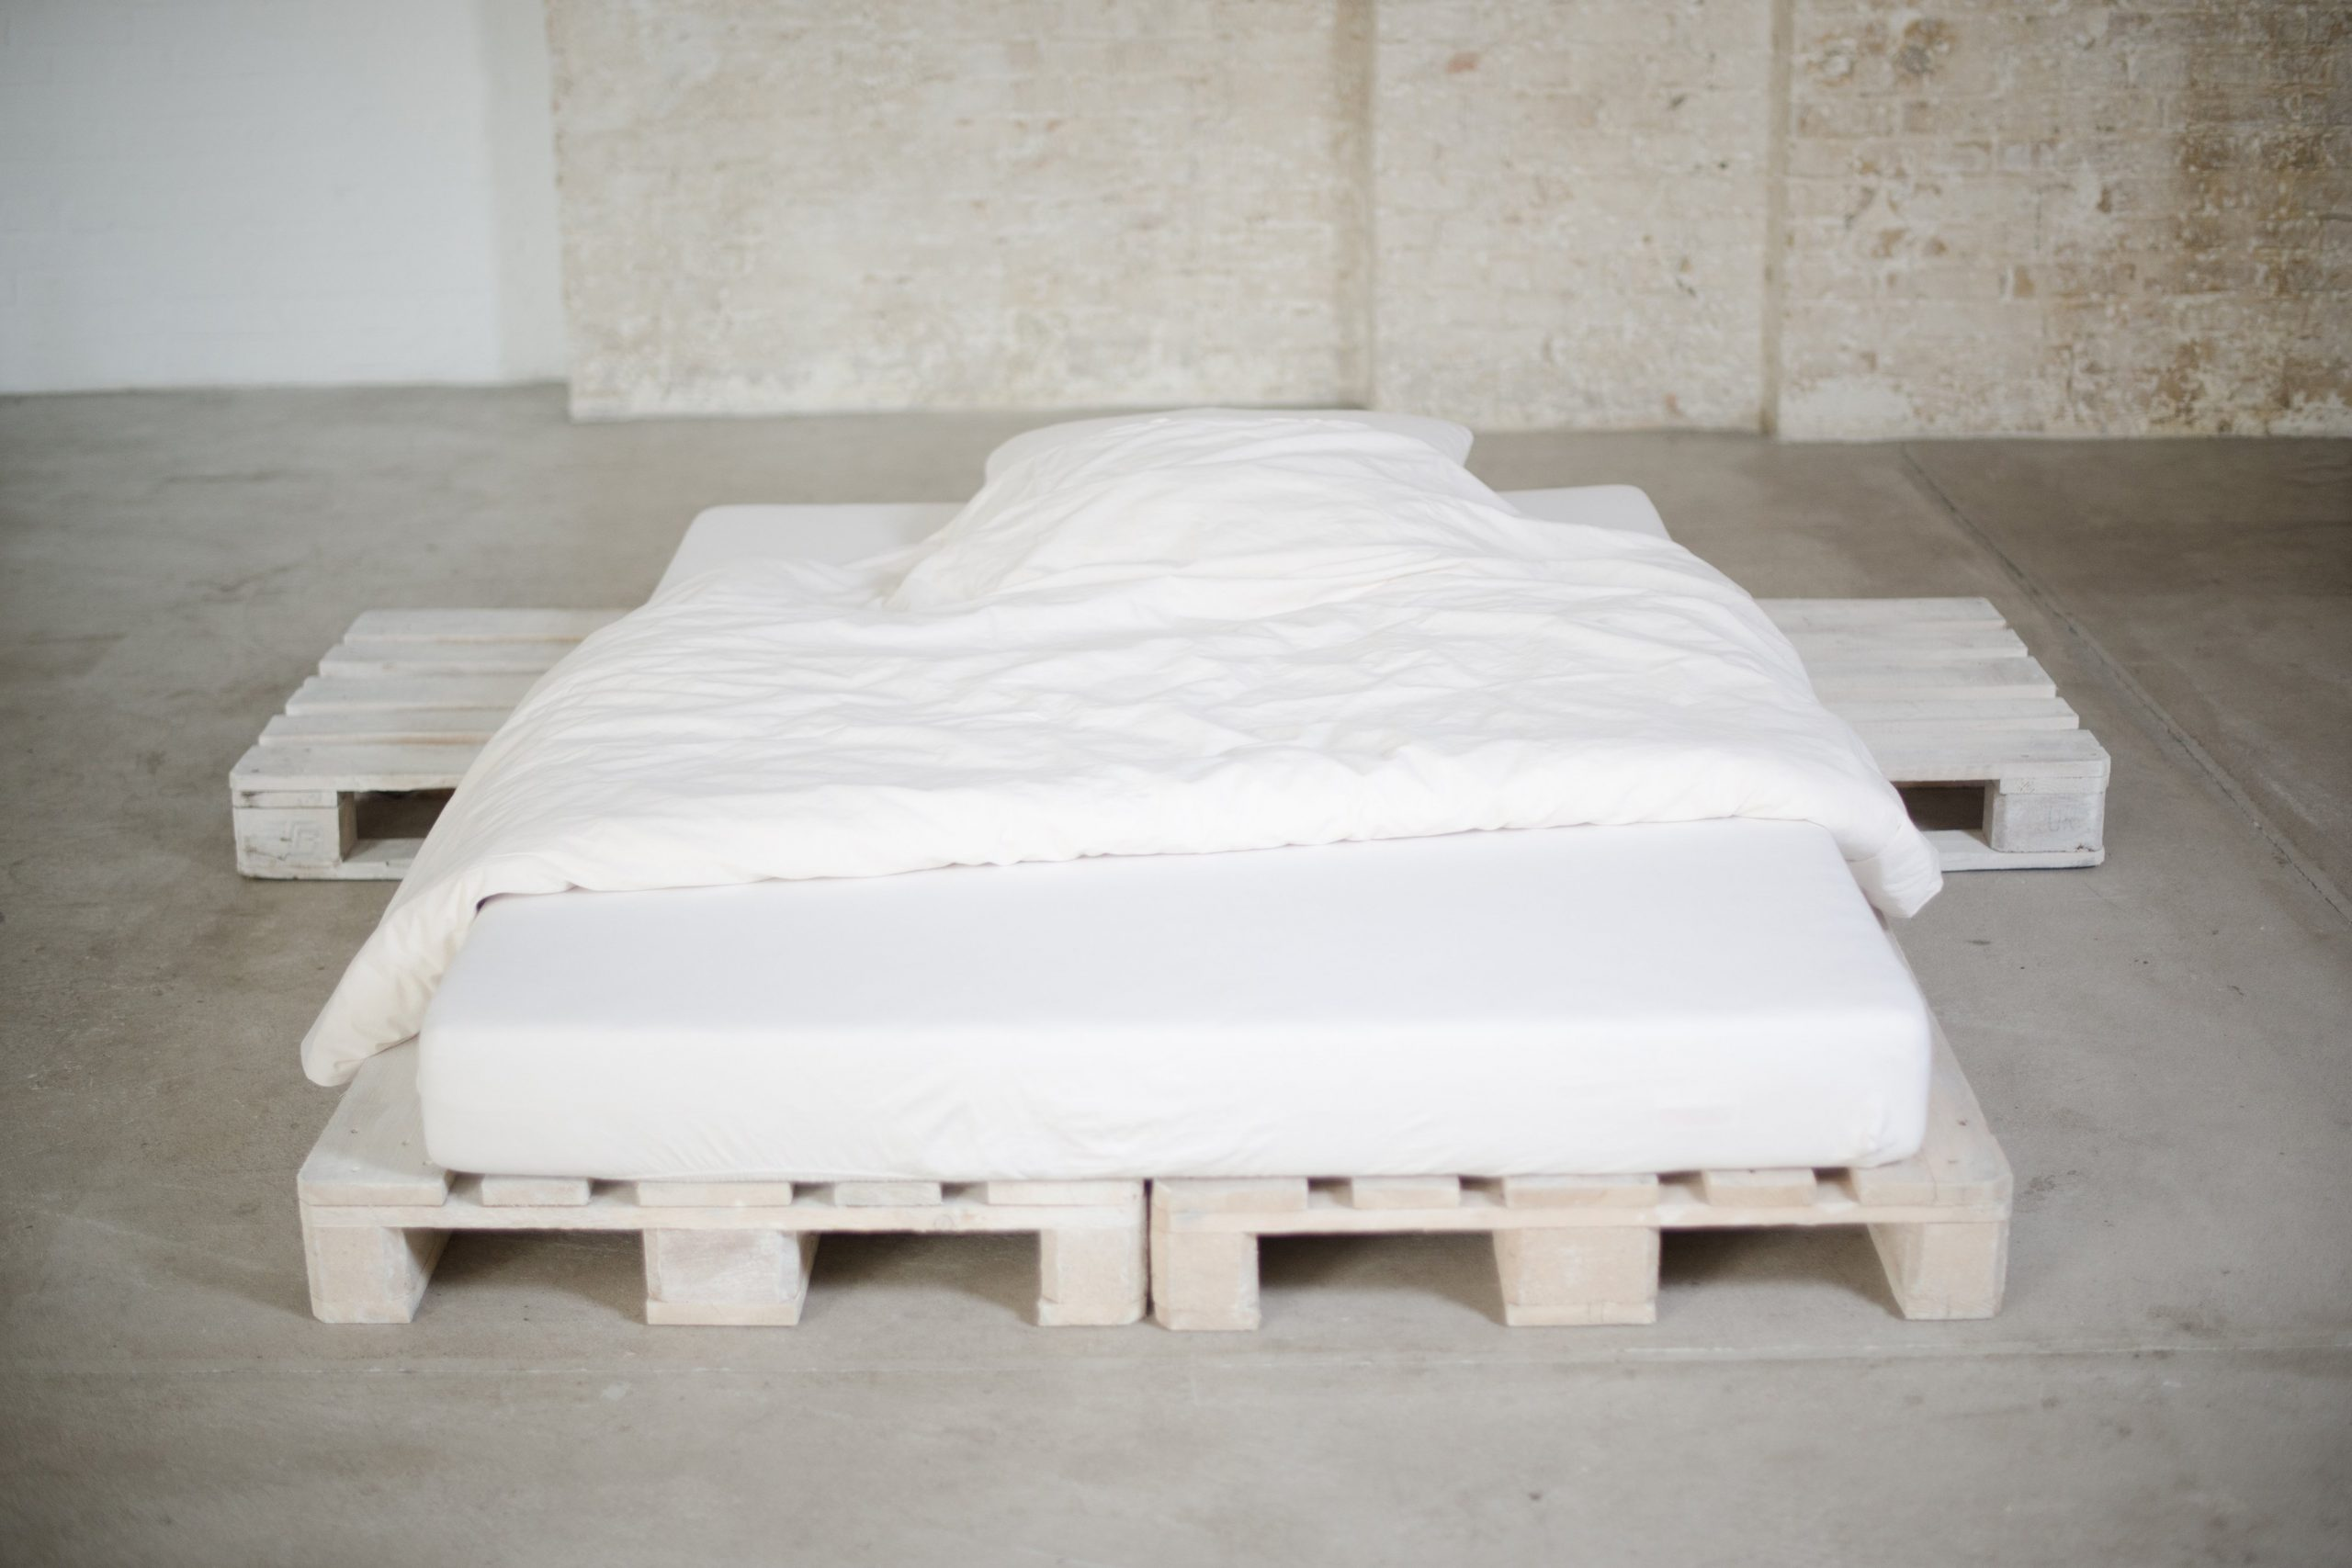 Full Size of Betten Für übergewichtige Billige Somnus Flexa Frankfurt Amazon Musterring Teenager Günstig Kaufen 180x200 160x200 Mit Bettkasten Matratze Und Lattenrost Bett Jabo Betten